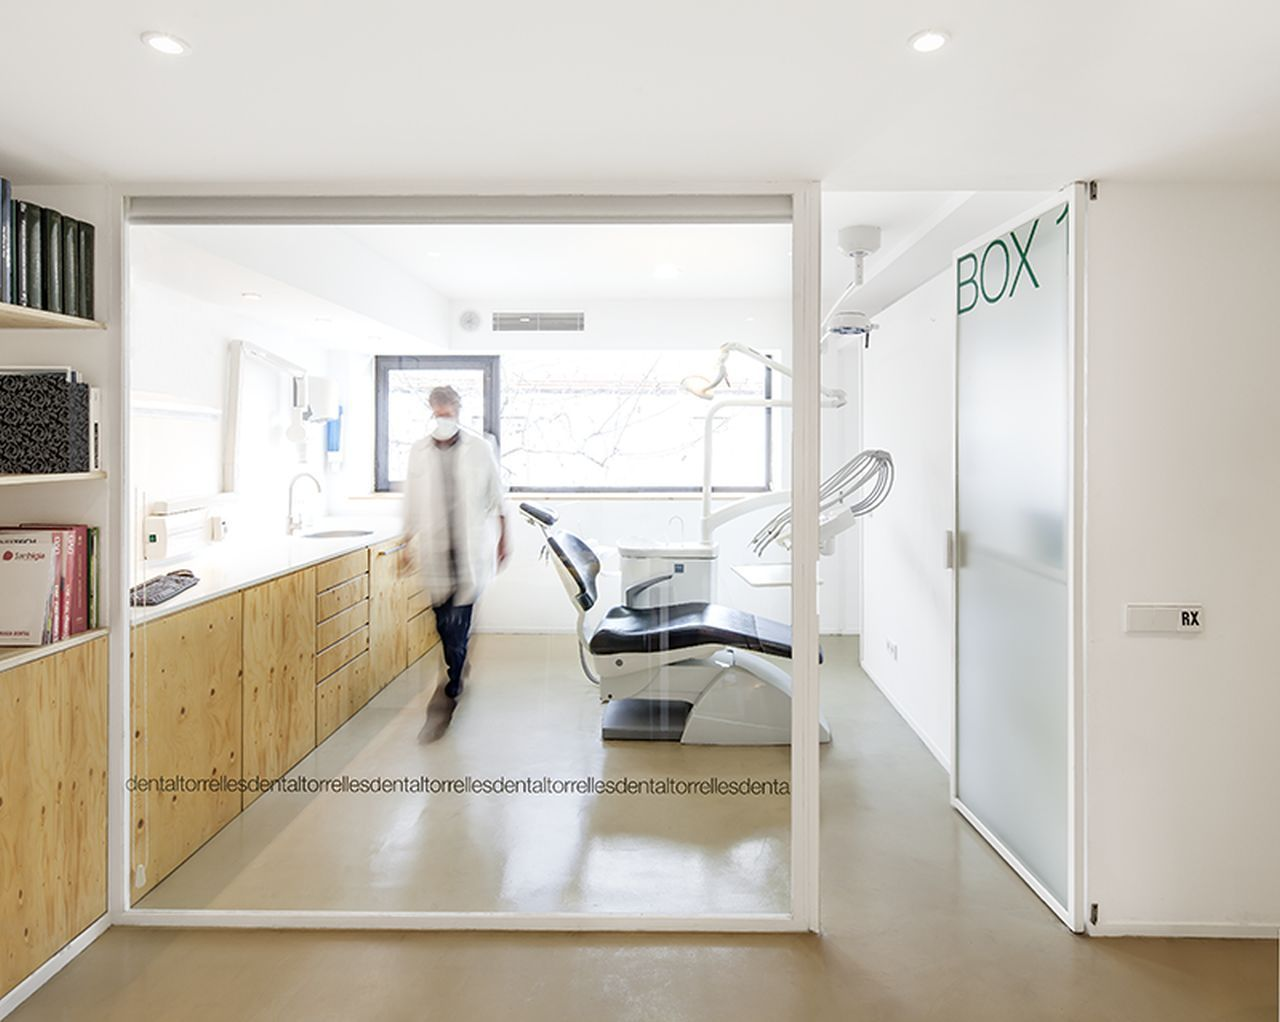 Dental Clinic In Torrelles / Sergi Pons · Clinic DesignOffice  DesignsInterior ...